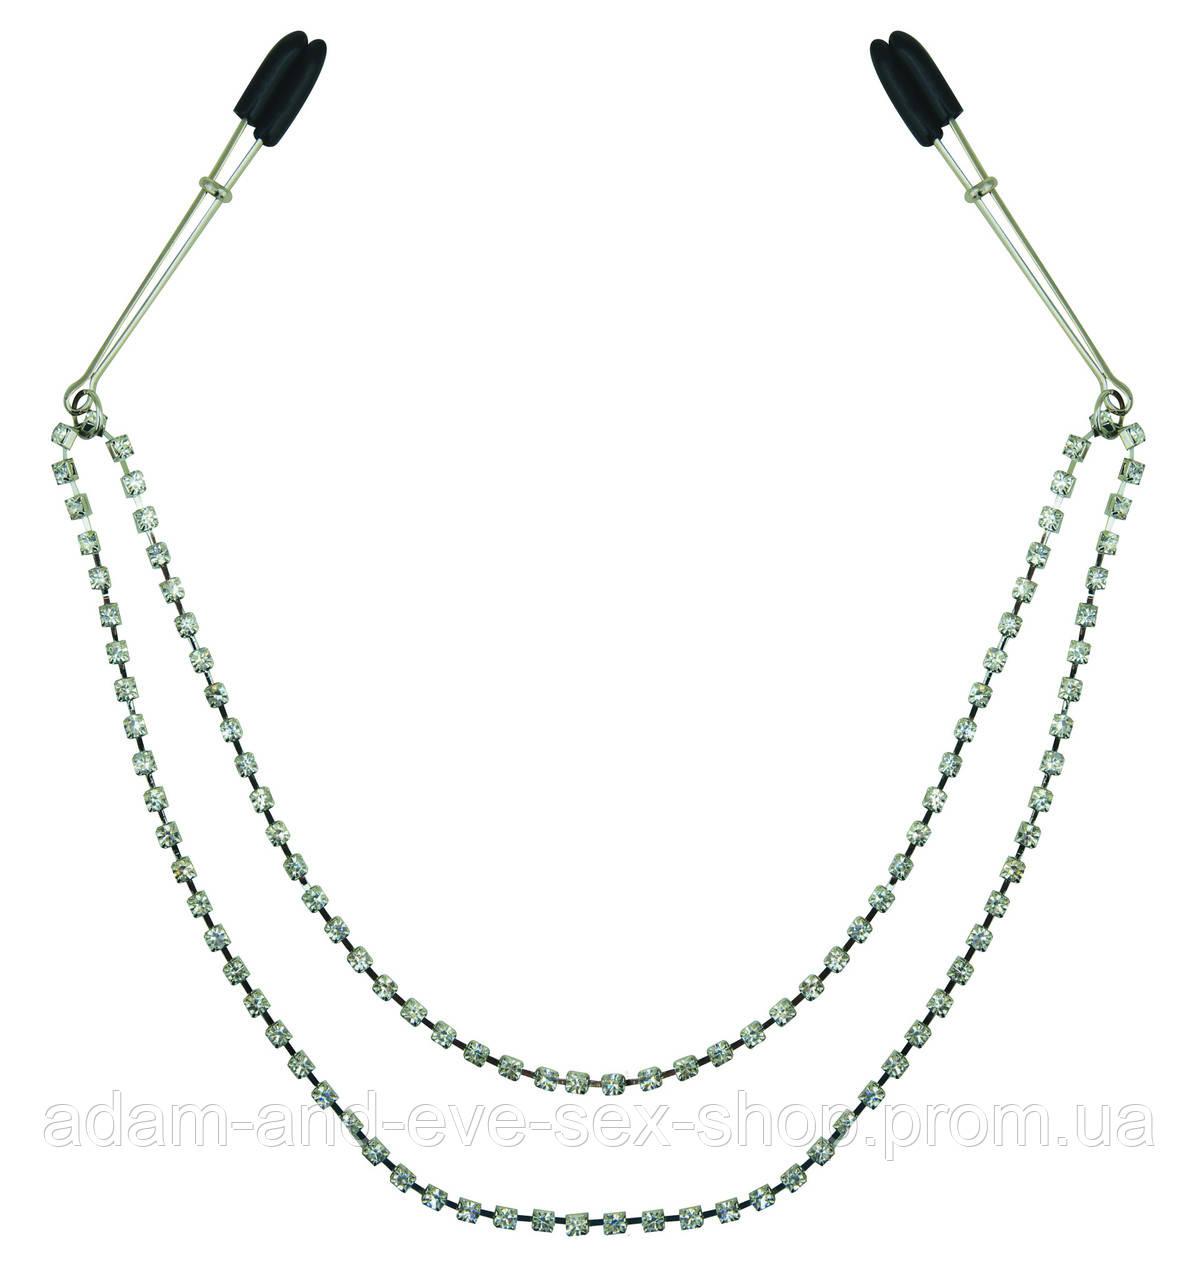 Зажимы для сосков с цепочкой украшение Sportsheets Midnight Black Jeweled Nipple Clips